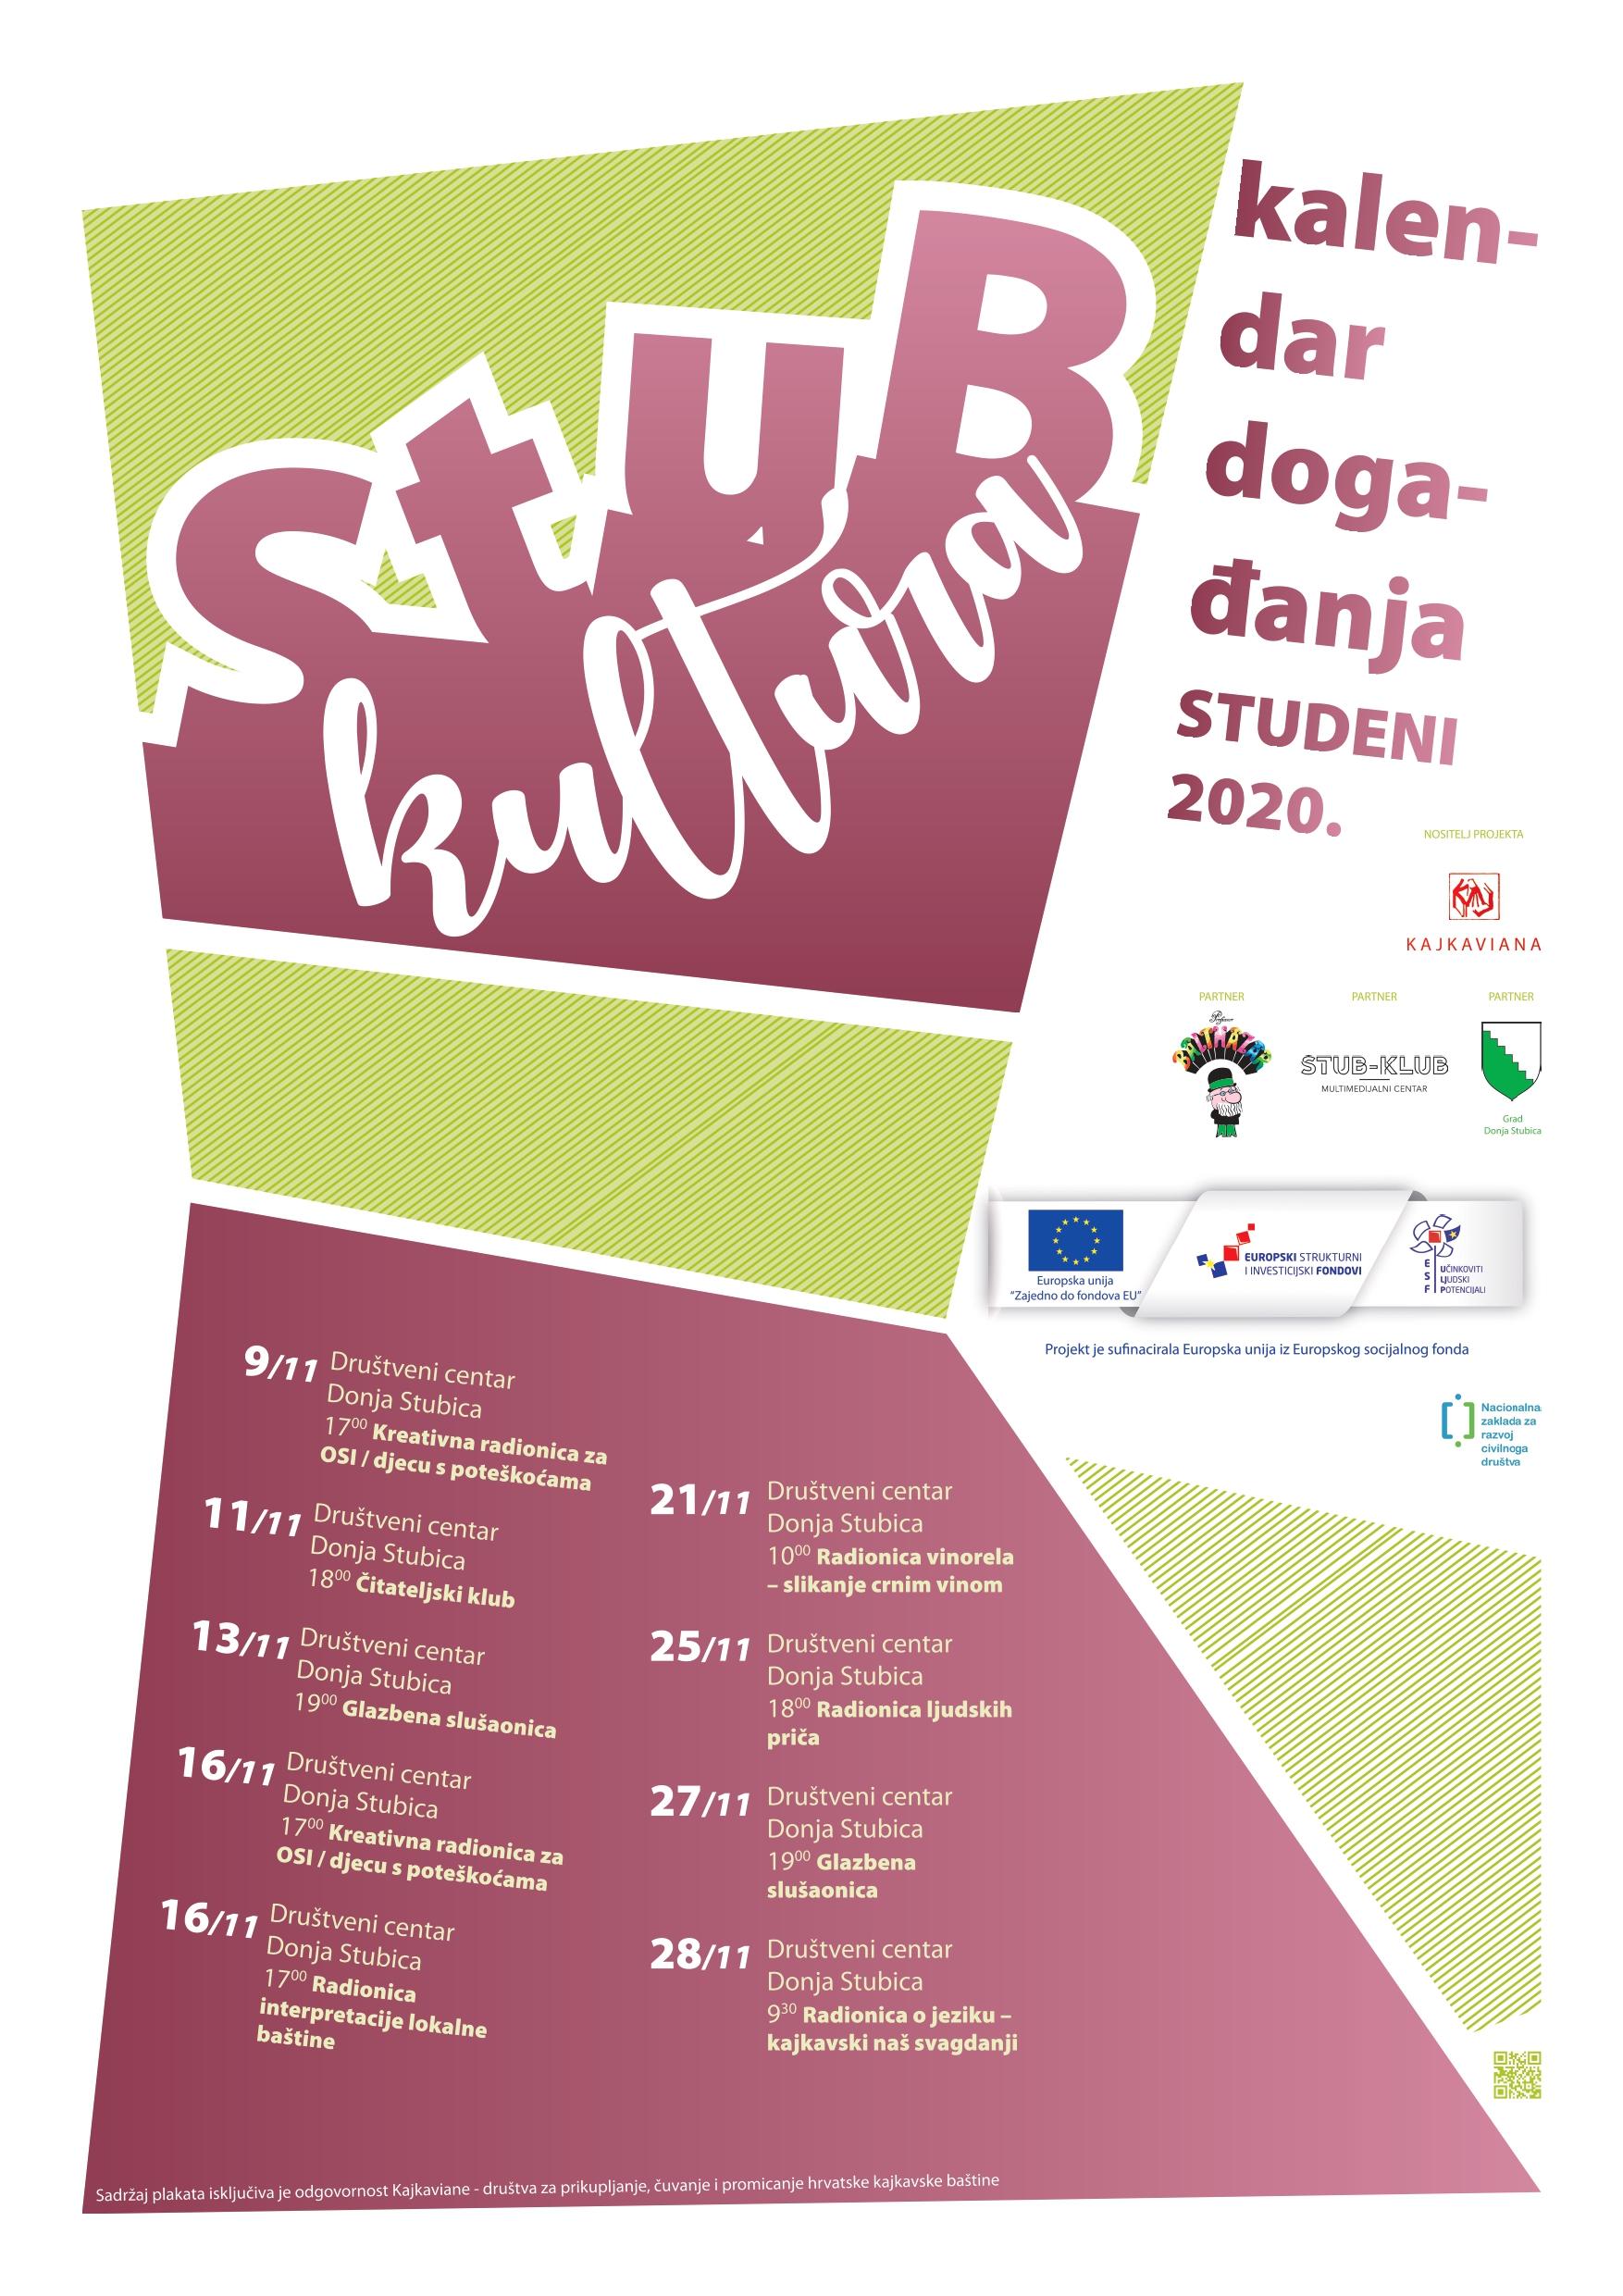 Slika prikazuje kalendar događanja za mjesec studeni u sklopu projekta Stub-kultura.